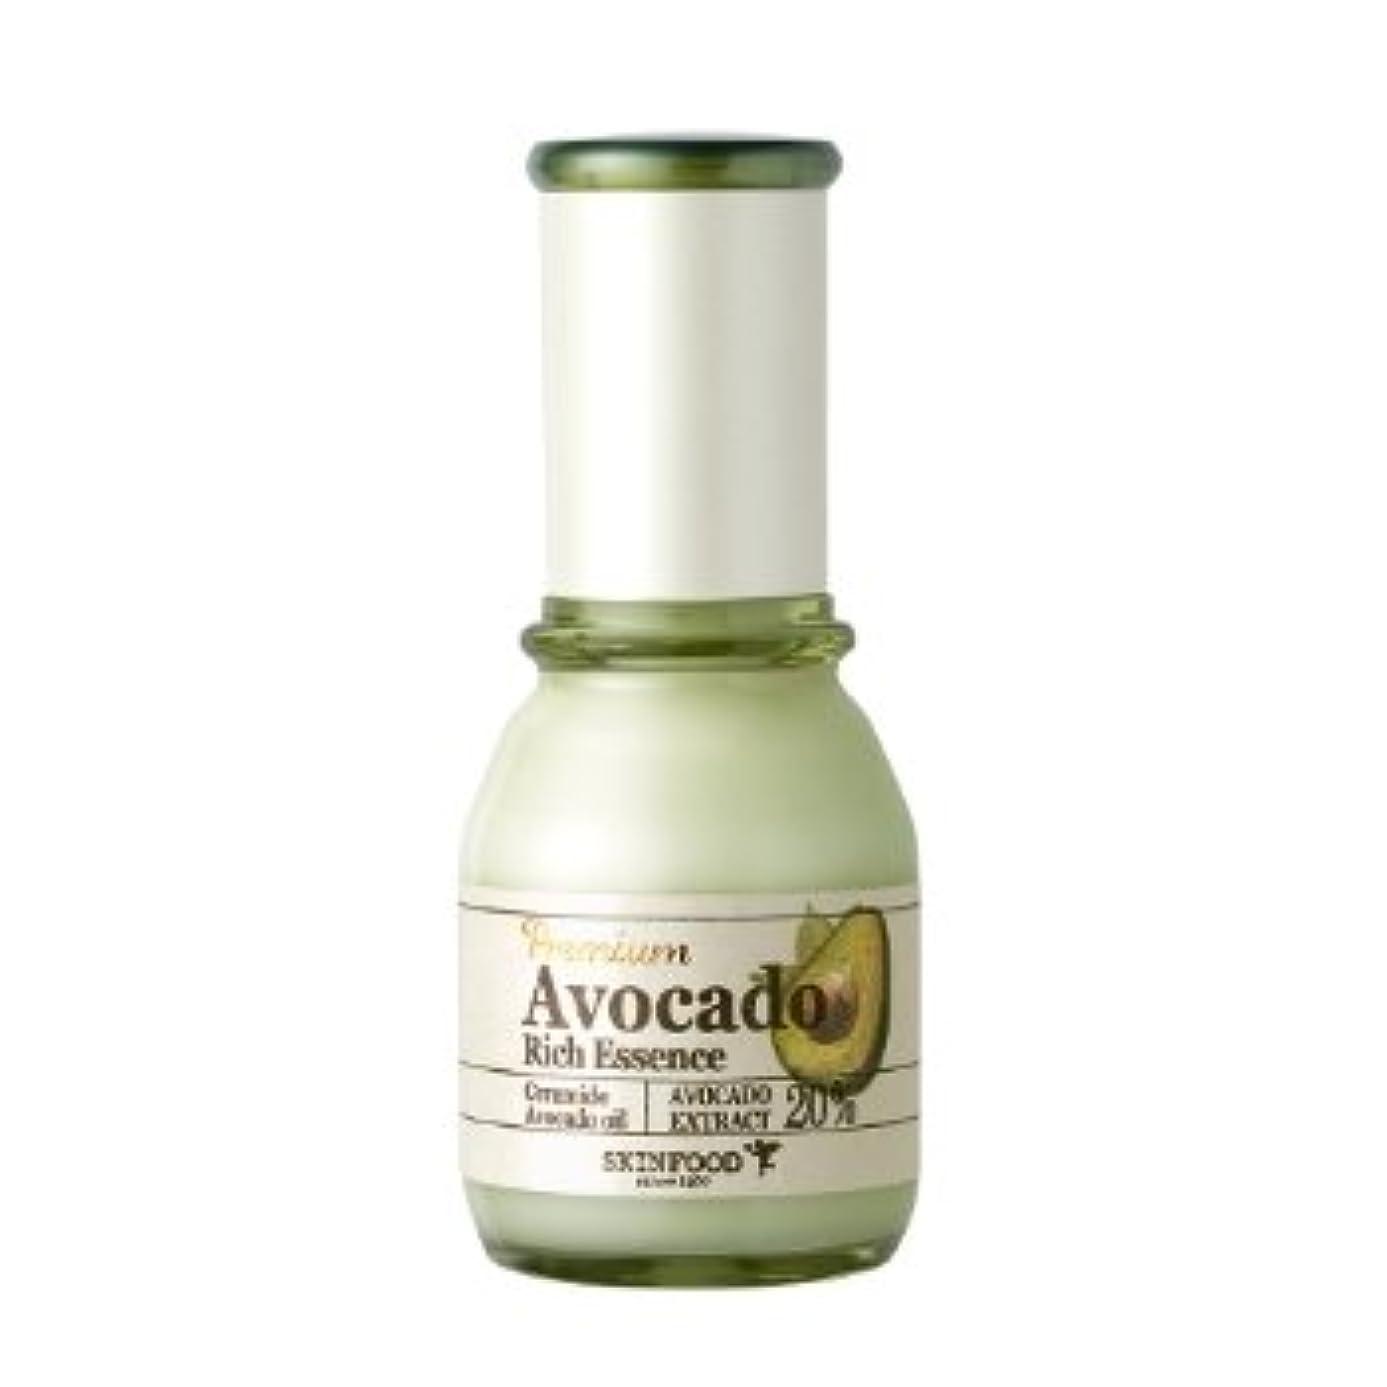 予言する脅かす行為スキンフード [Skin Food] プレミアム アボカド リーチ エッセンス 50ml / Premium Avocado Rich Essence 海外直送品